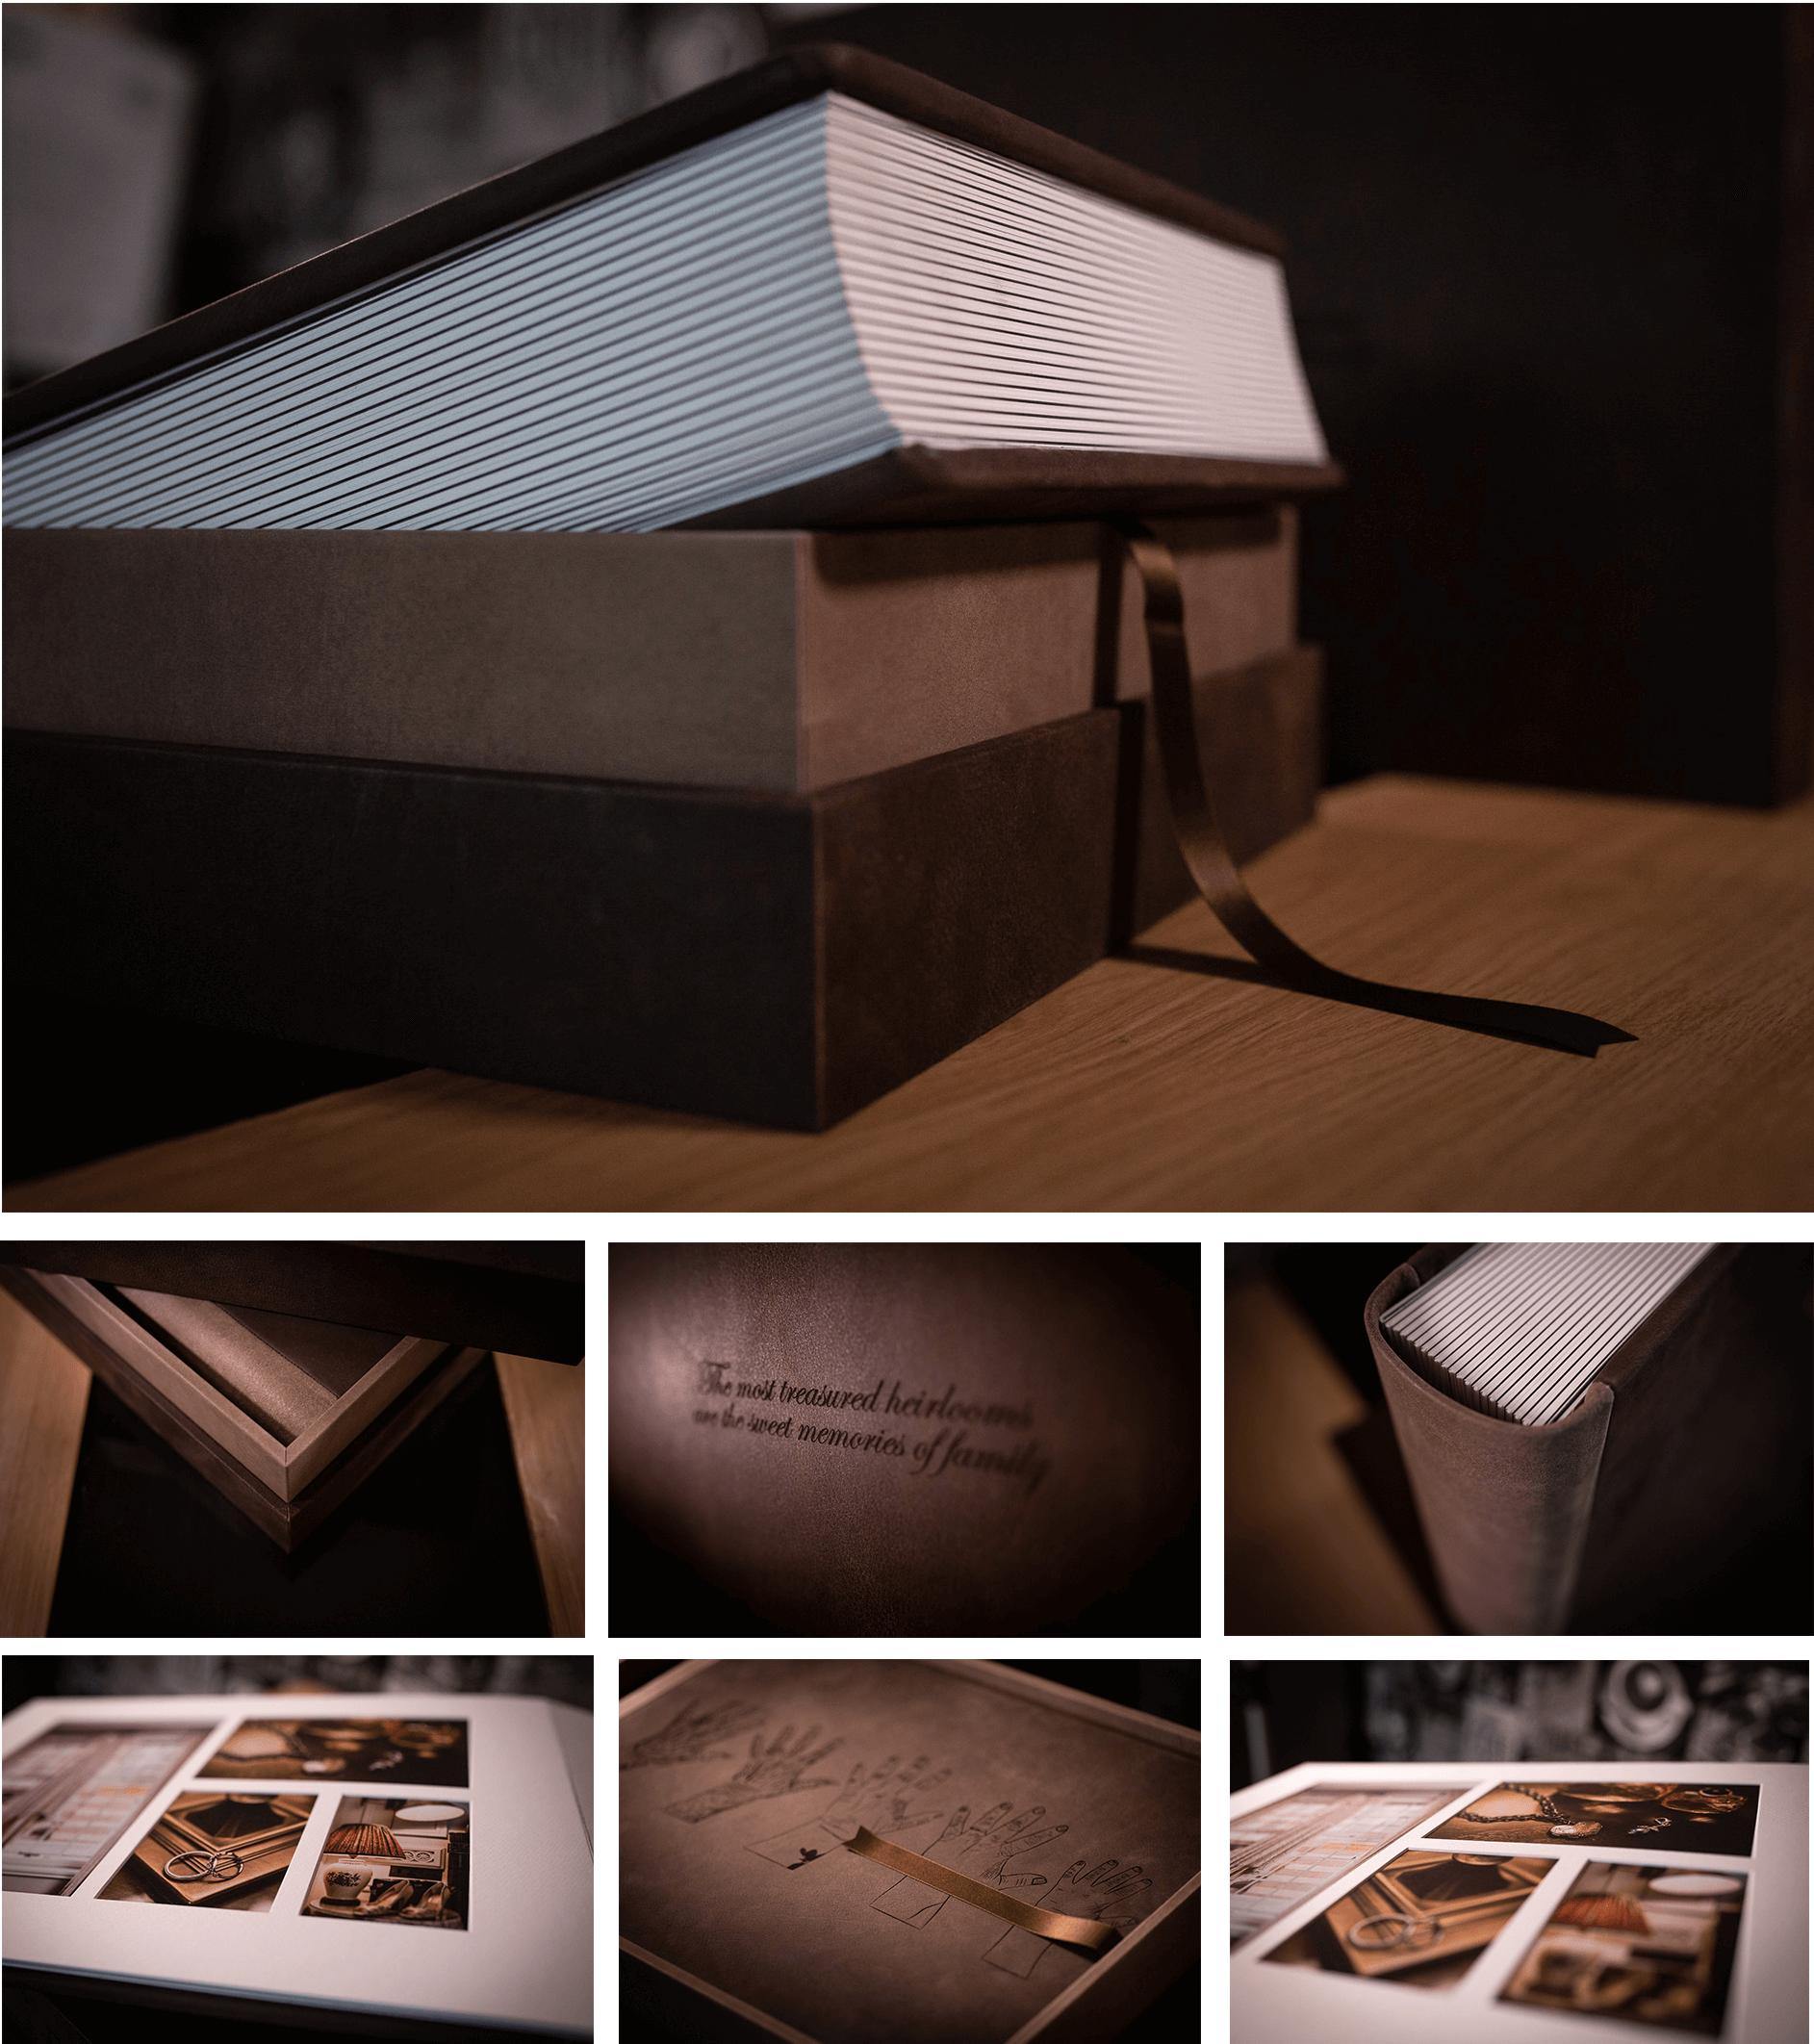 Graphi-Studio-Matted-wedding-album-images-02